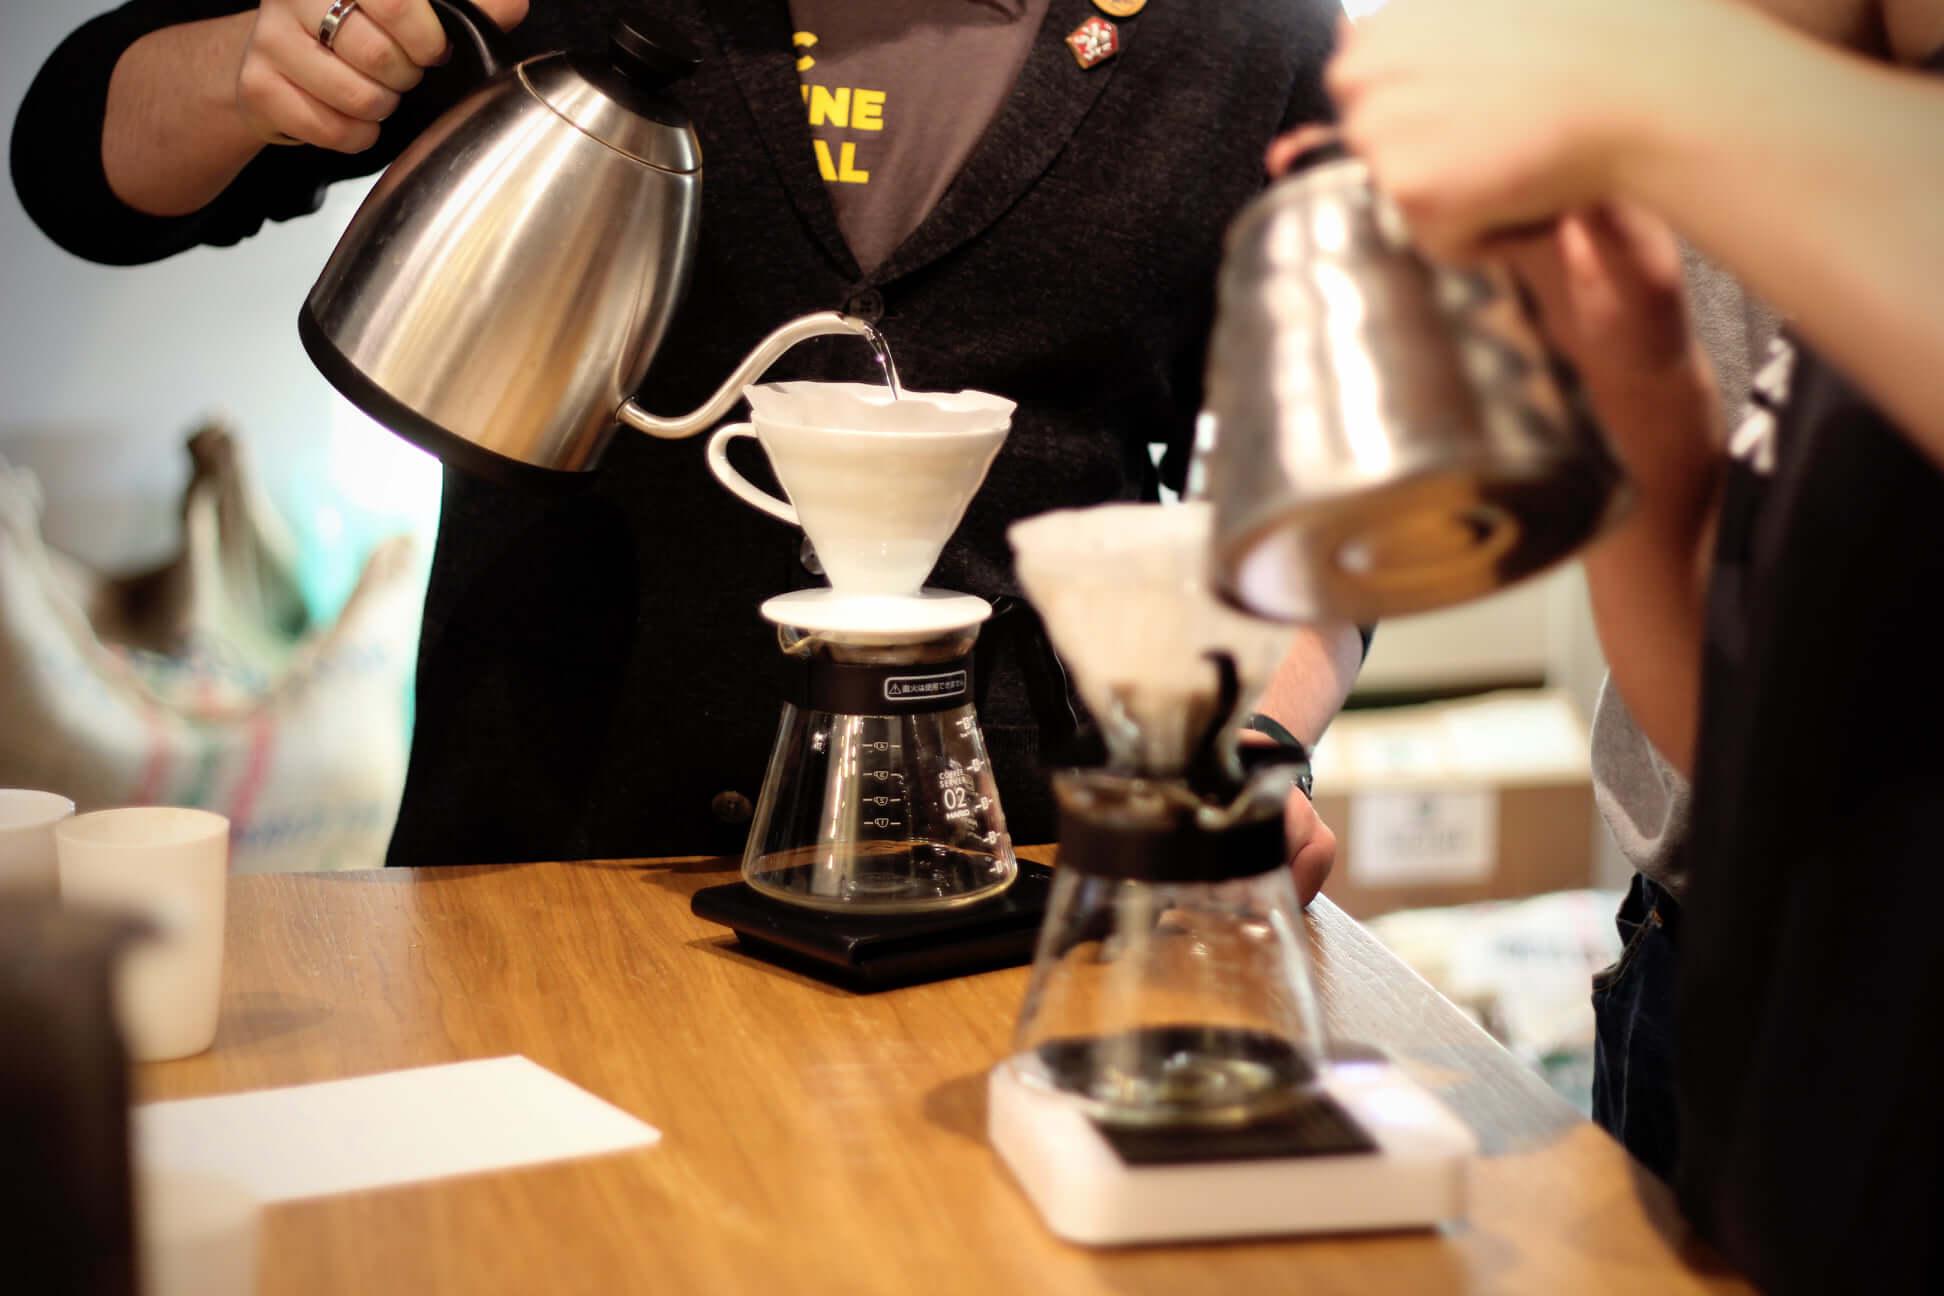 Szkolenia kawowe Alternatywne metody parzenia Szczecin